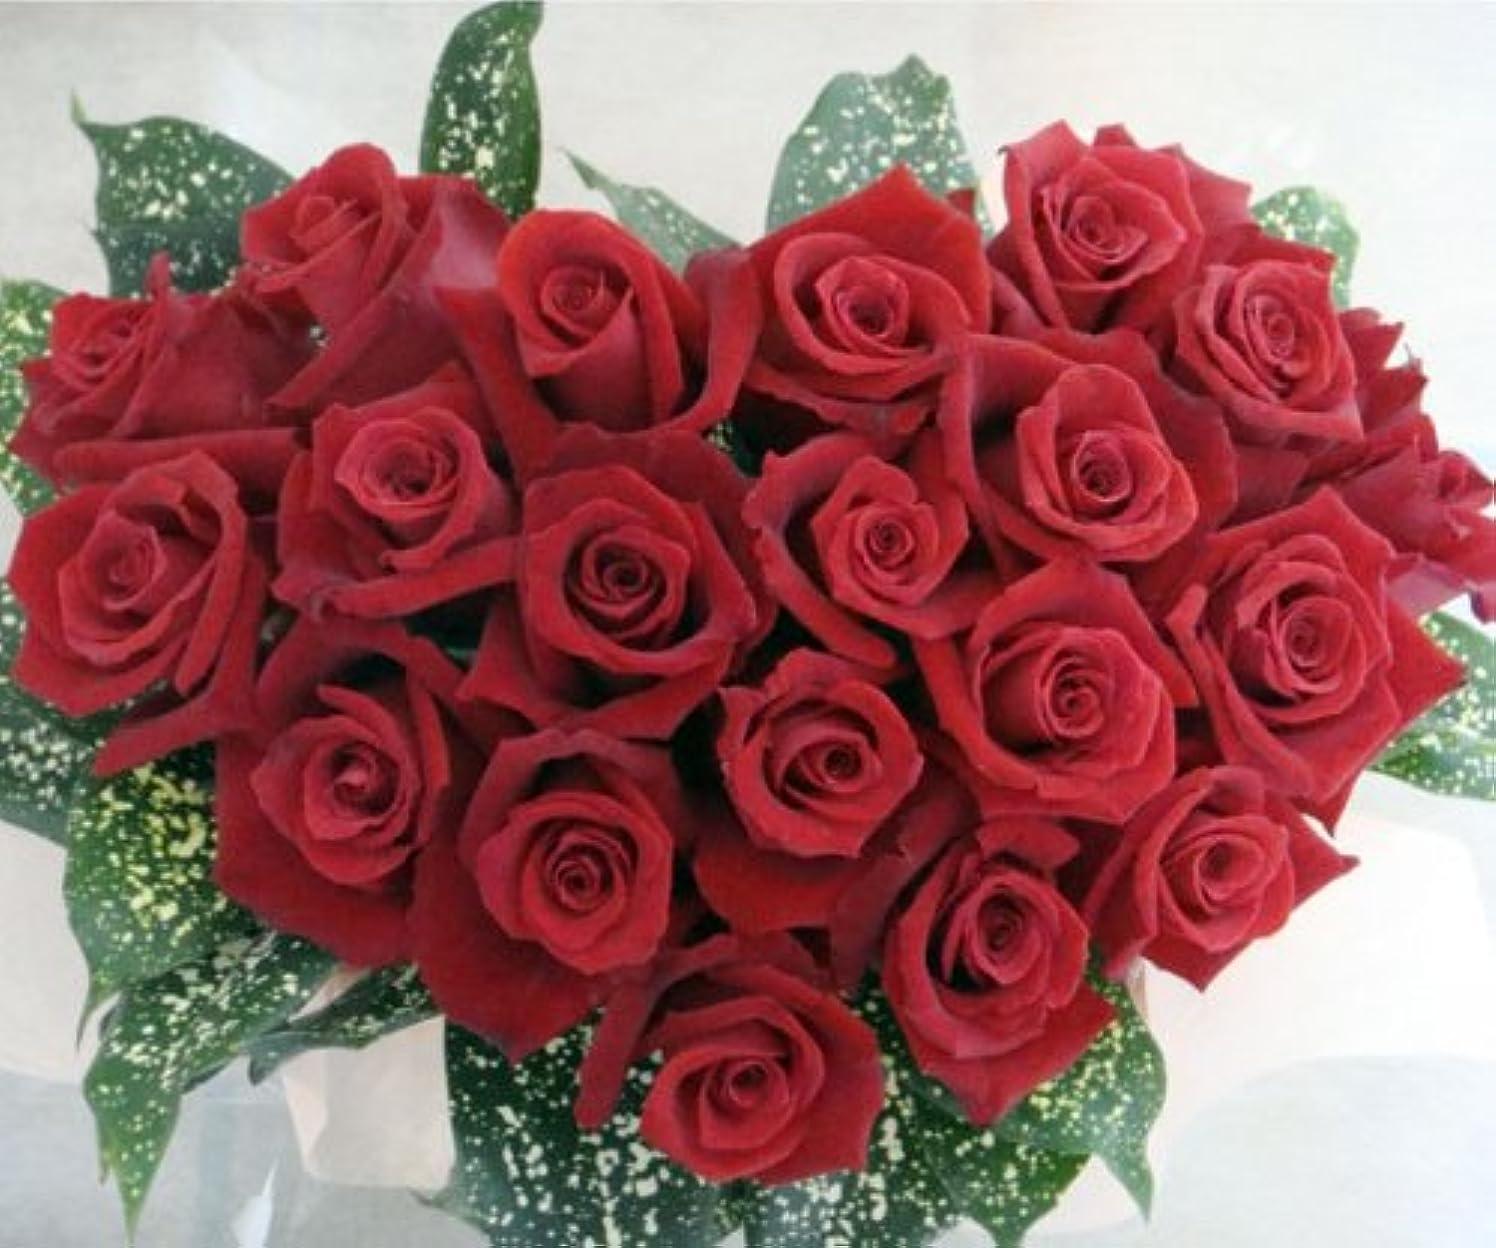 レタス返済窒素赤バラのハートアレンジ 信州諏訪産バラ使用